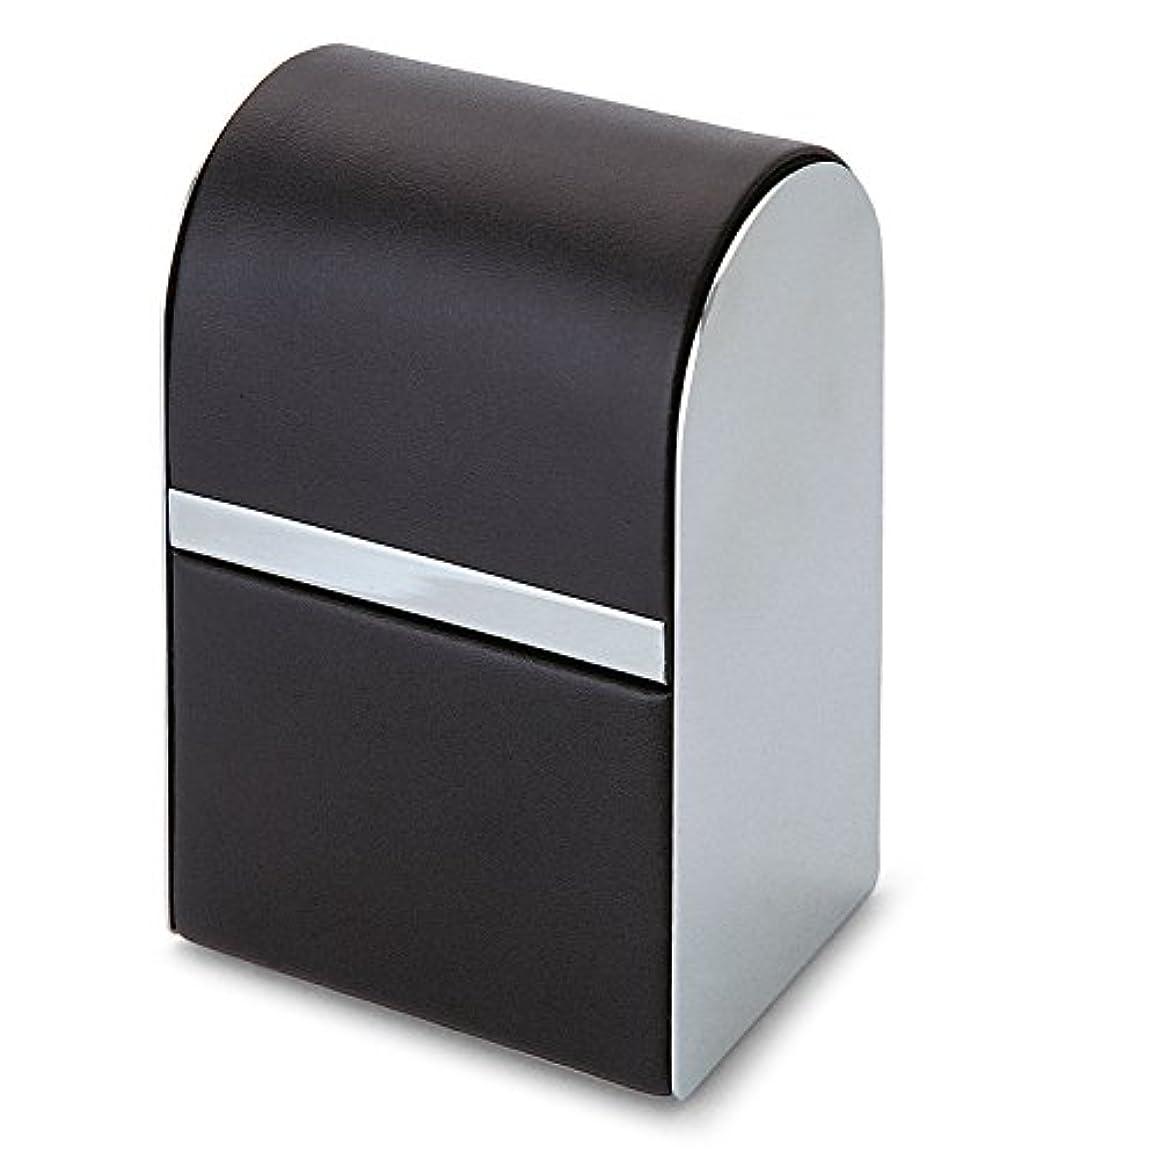 知恵絶滅メロンPhilippi Giorgio メンズ身だしなみキット 7pcsセット leather stainless polished